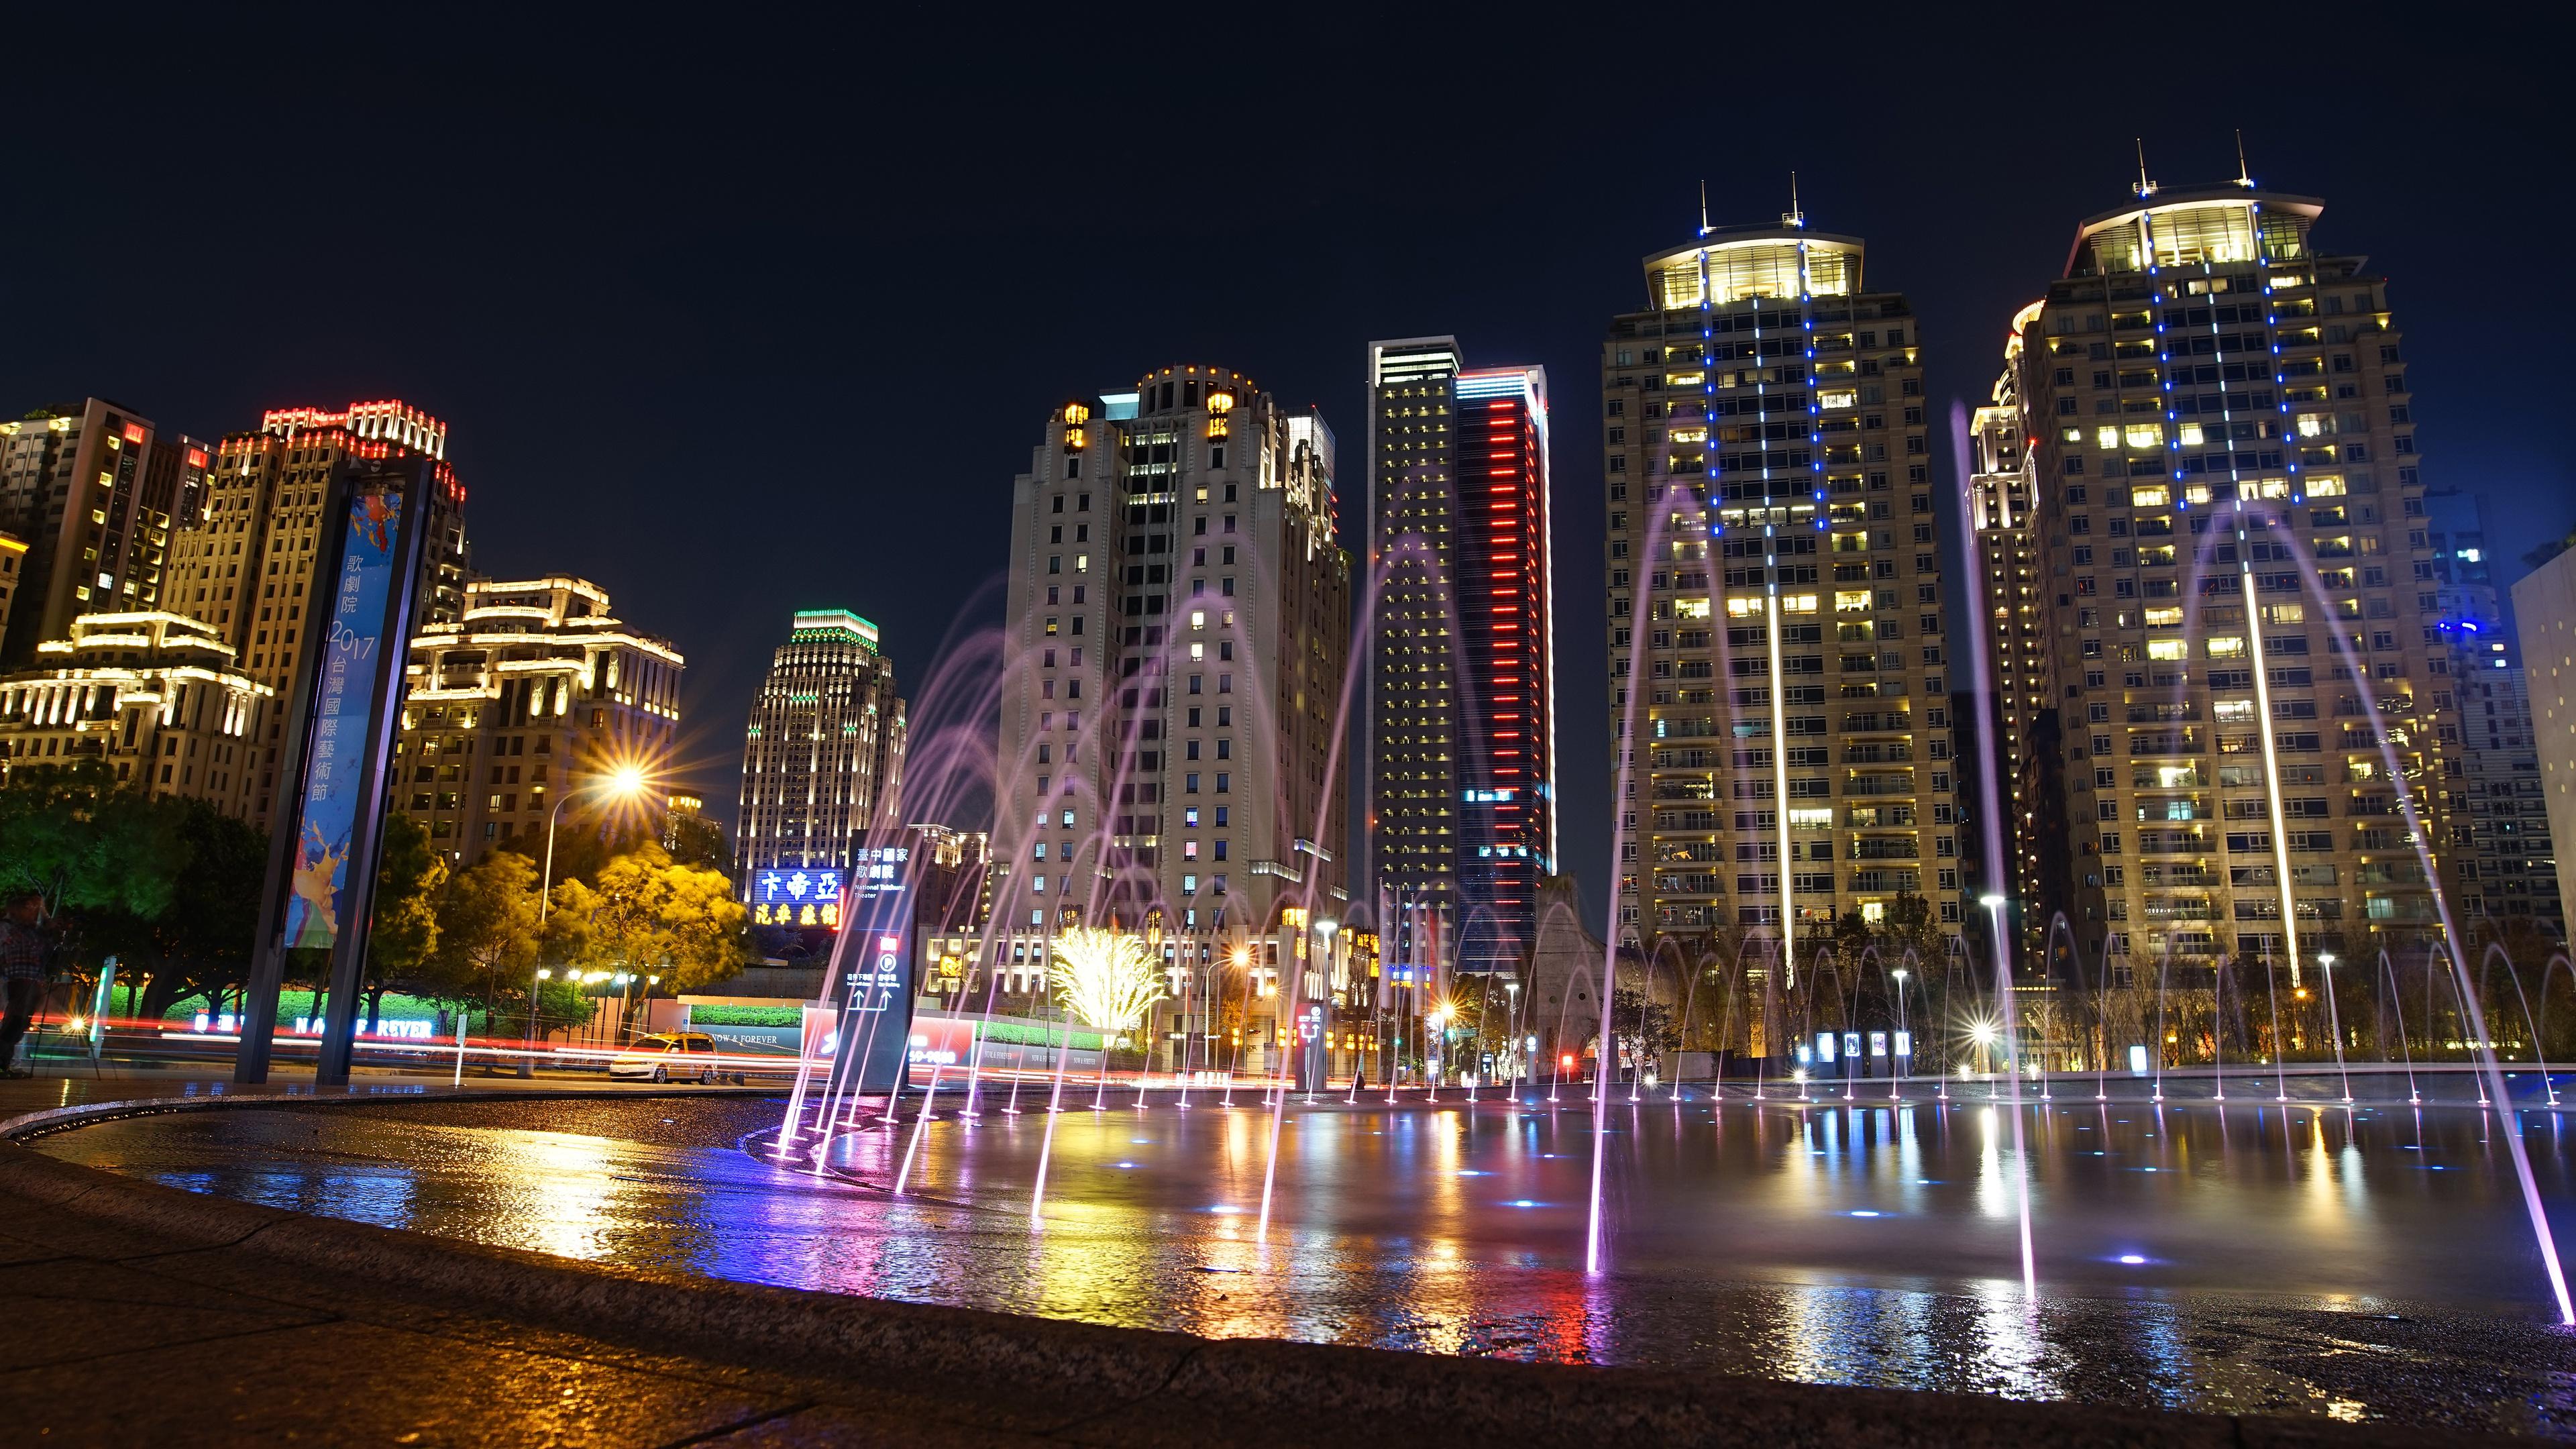 Картинка Тайбэй Китай Фонтаны Ночные Дома город 3840x2160 Ночь ночью в ночи Города Здания